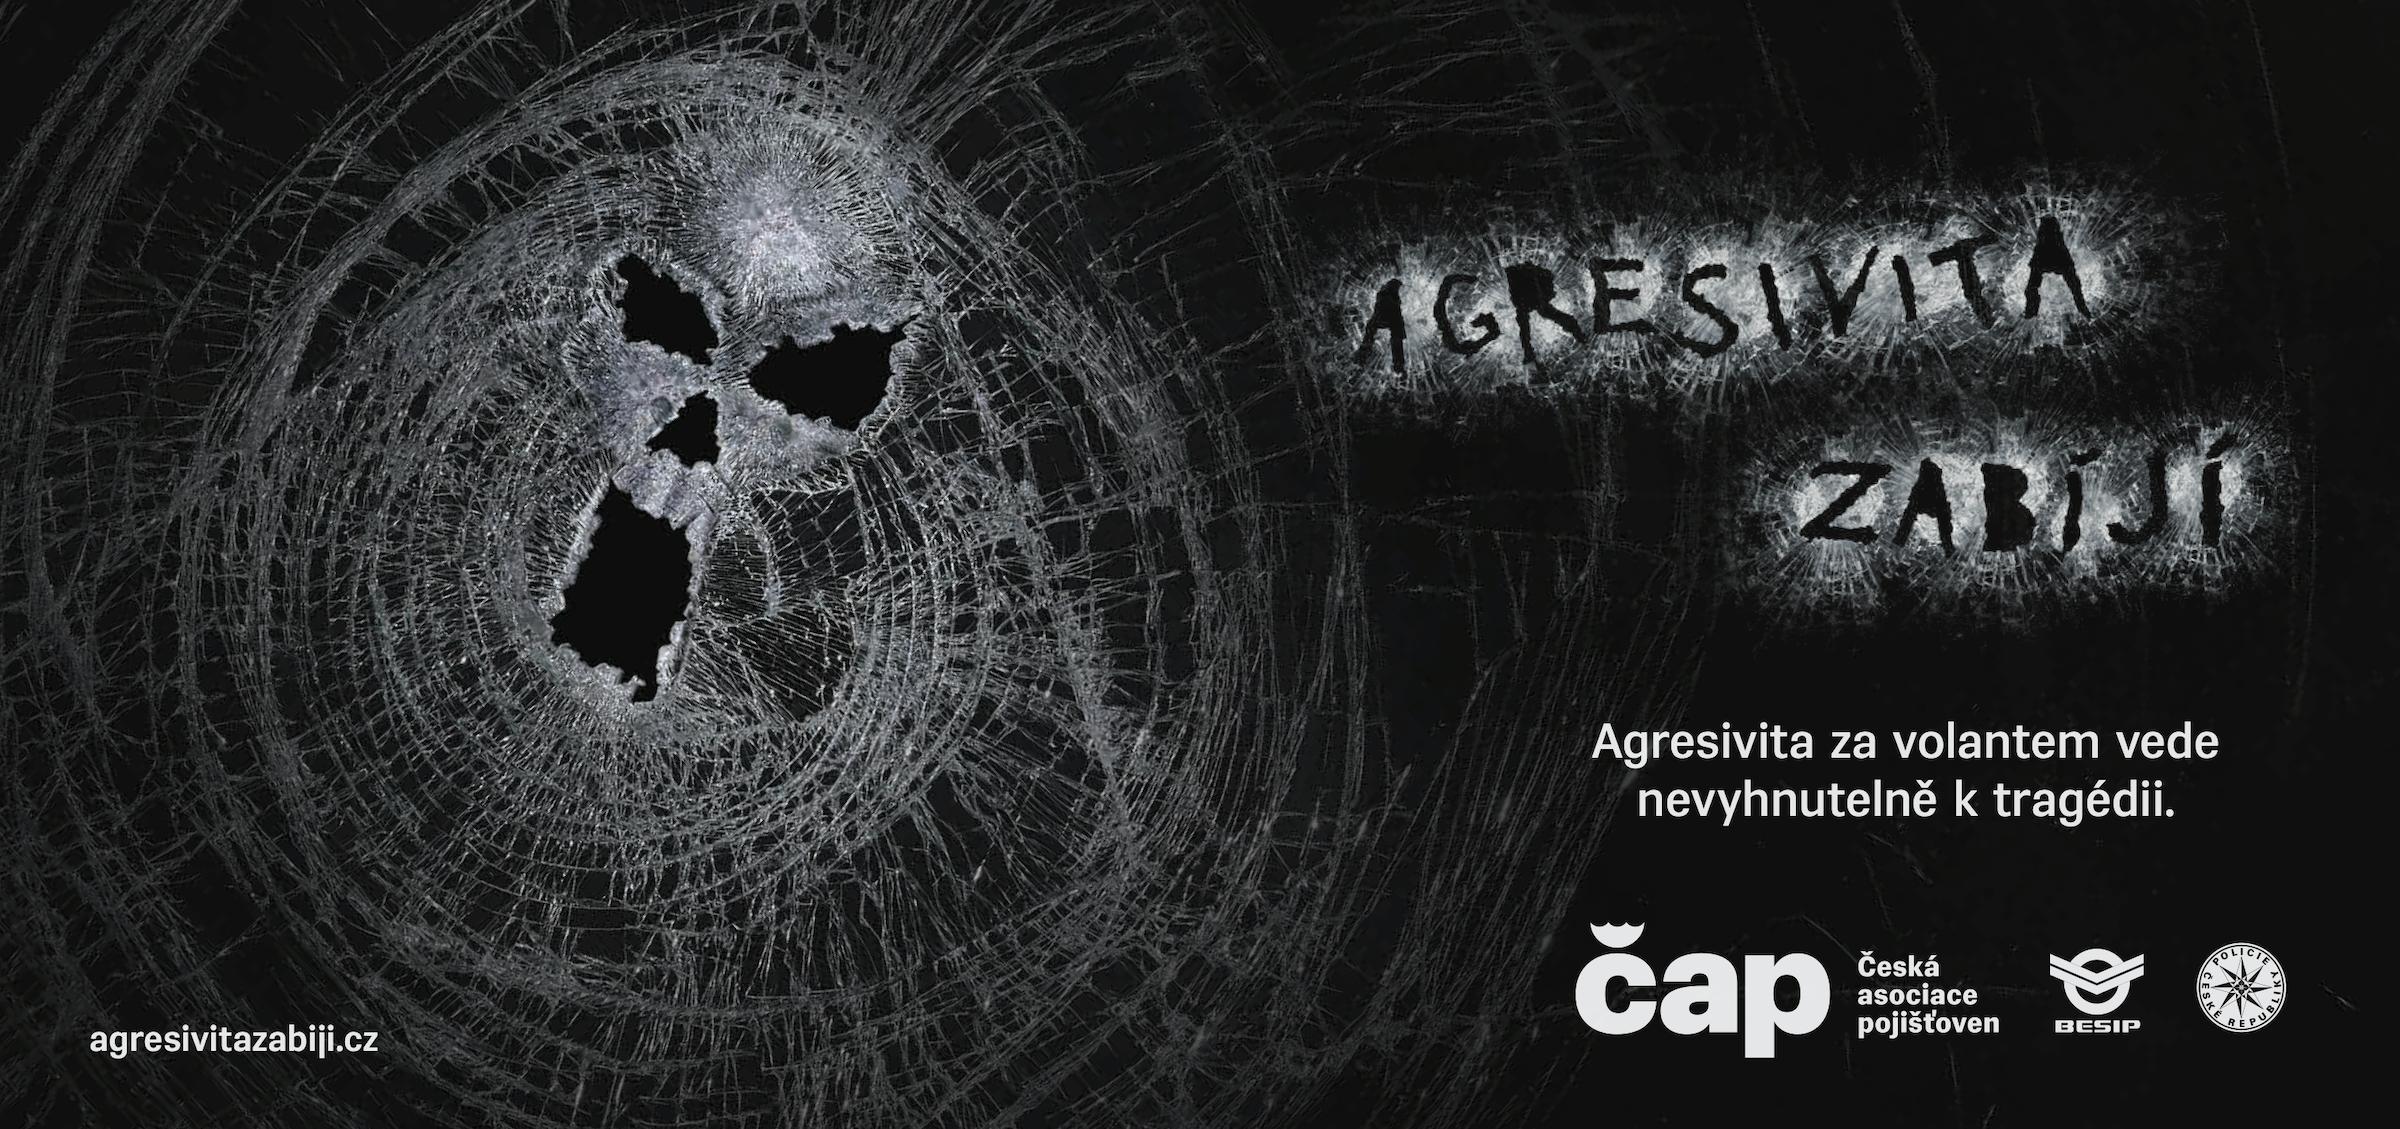 Česká asociace pojišťoven: Agresivita zabíjí